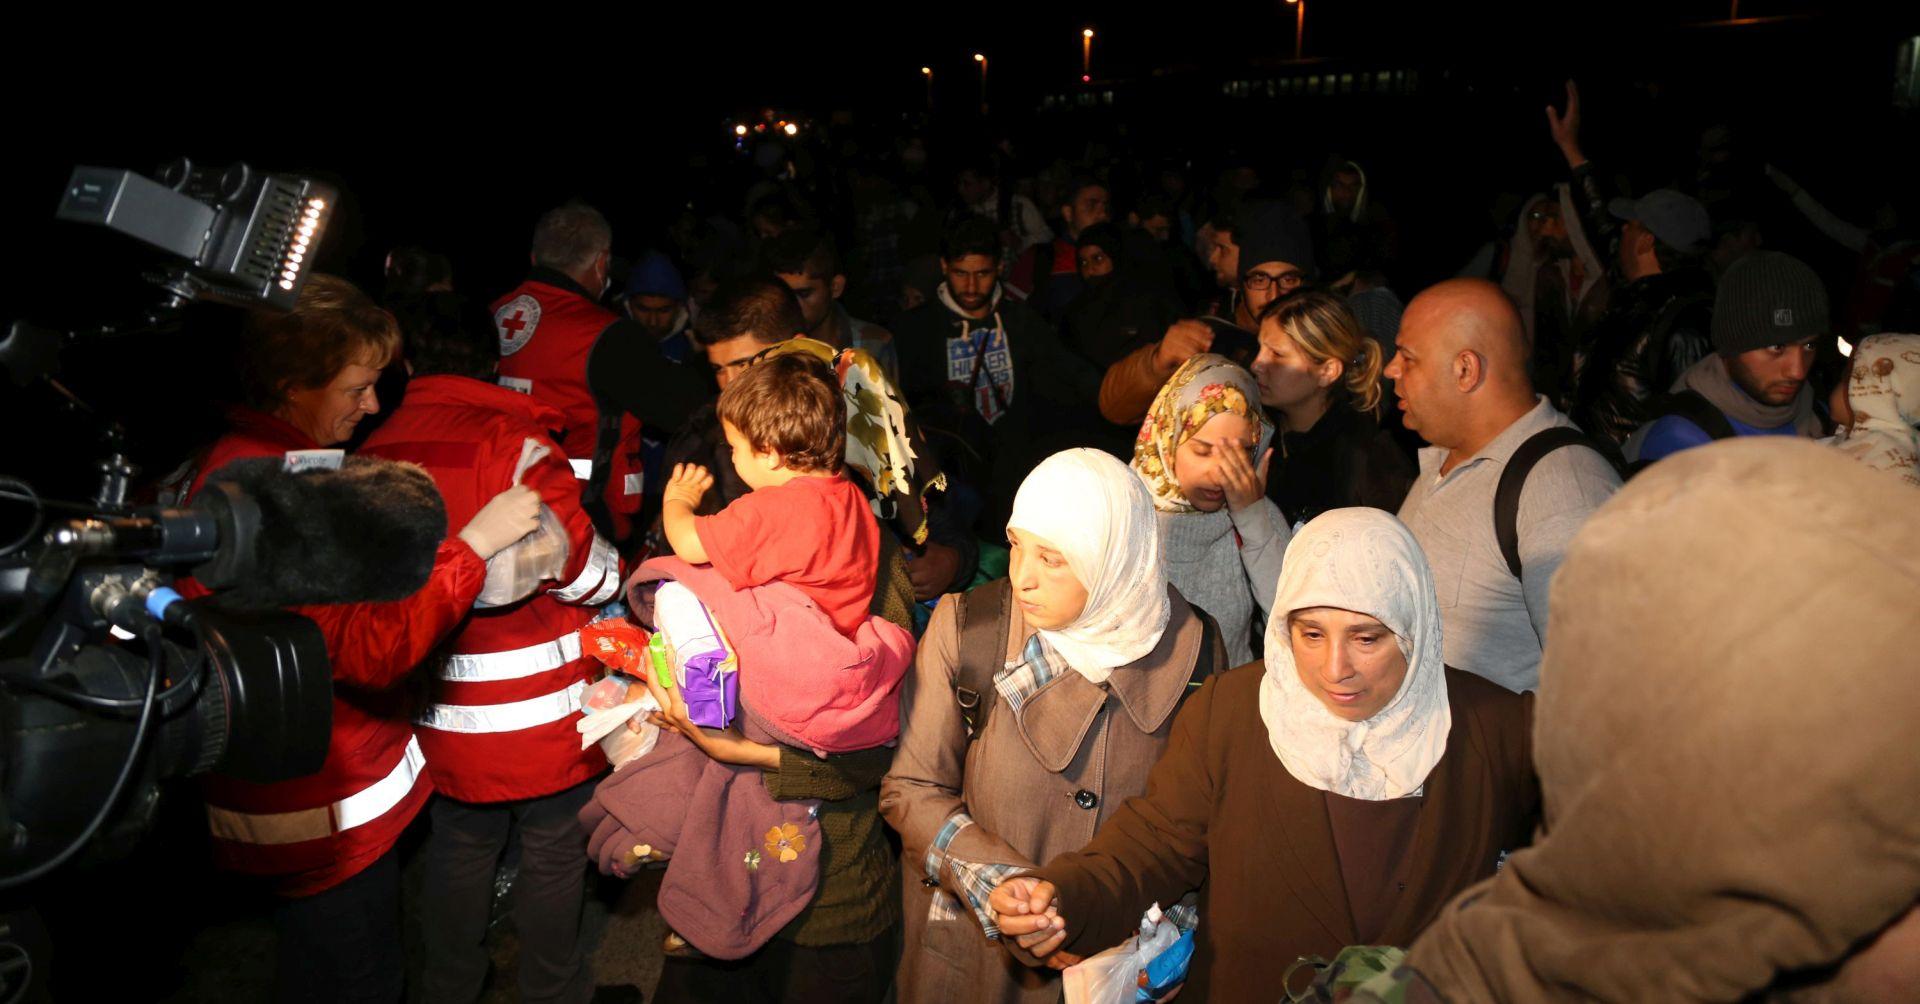 """BLIC O 'PODMUKLOM PLANU' HRVATA """"Noćas su htjeli prebaciti izbjeglica preko Dunava"""""""